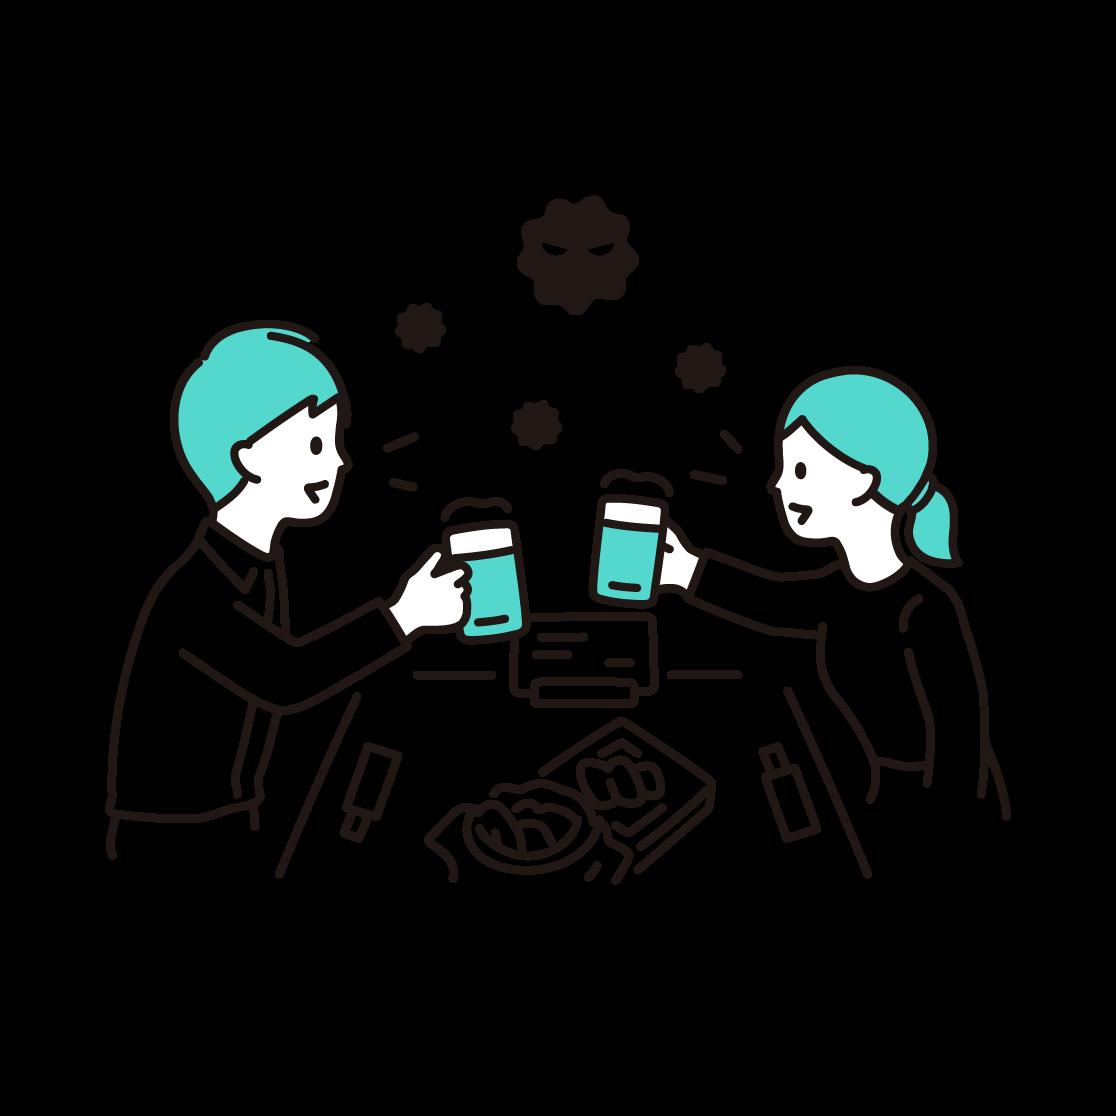 飲食(飛沫)の単色イラスト